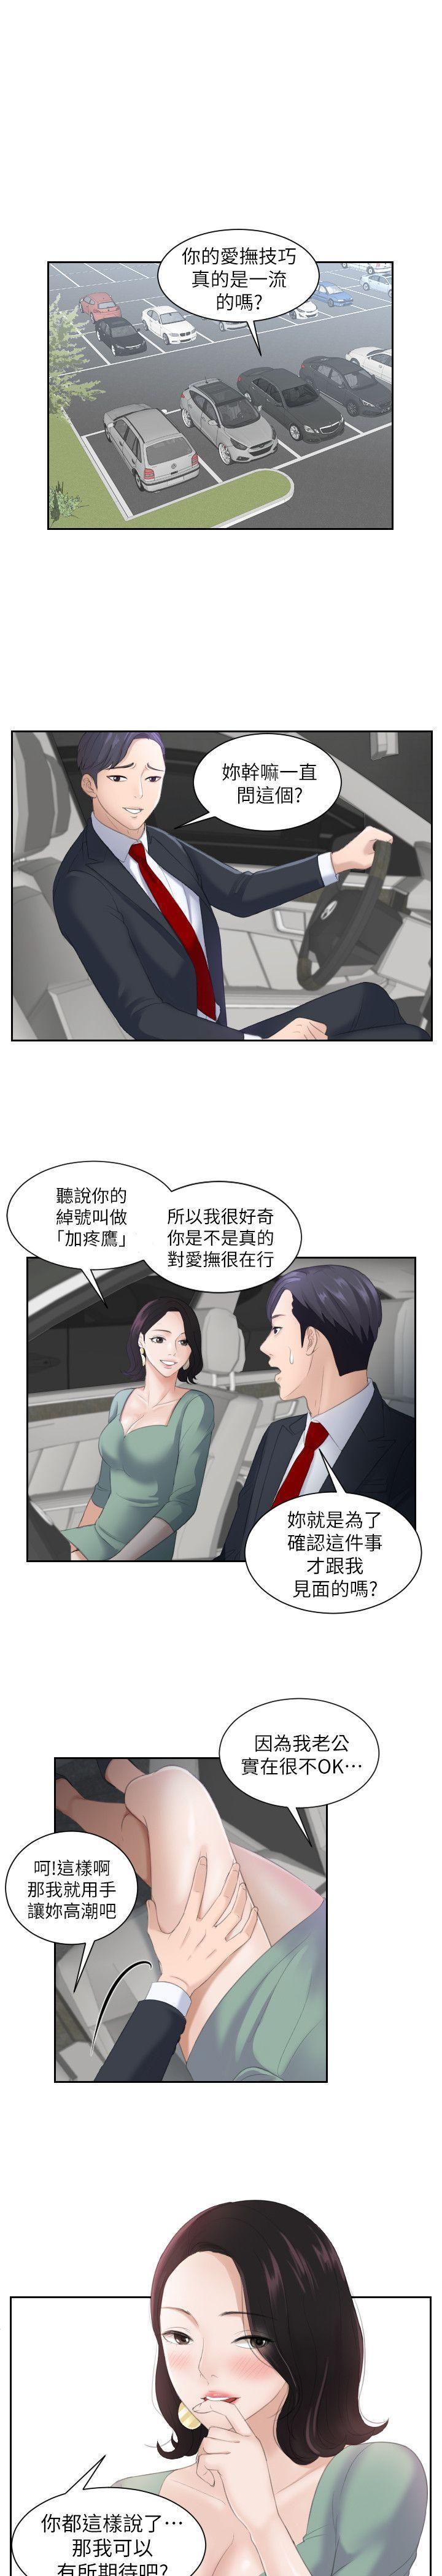 熟女的滋味韩漫阅读